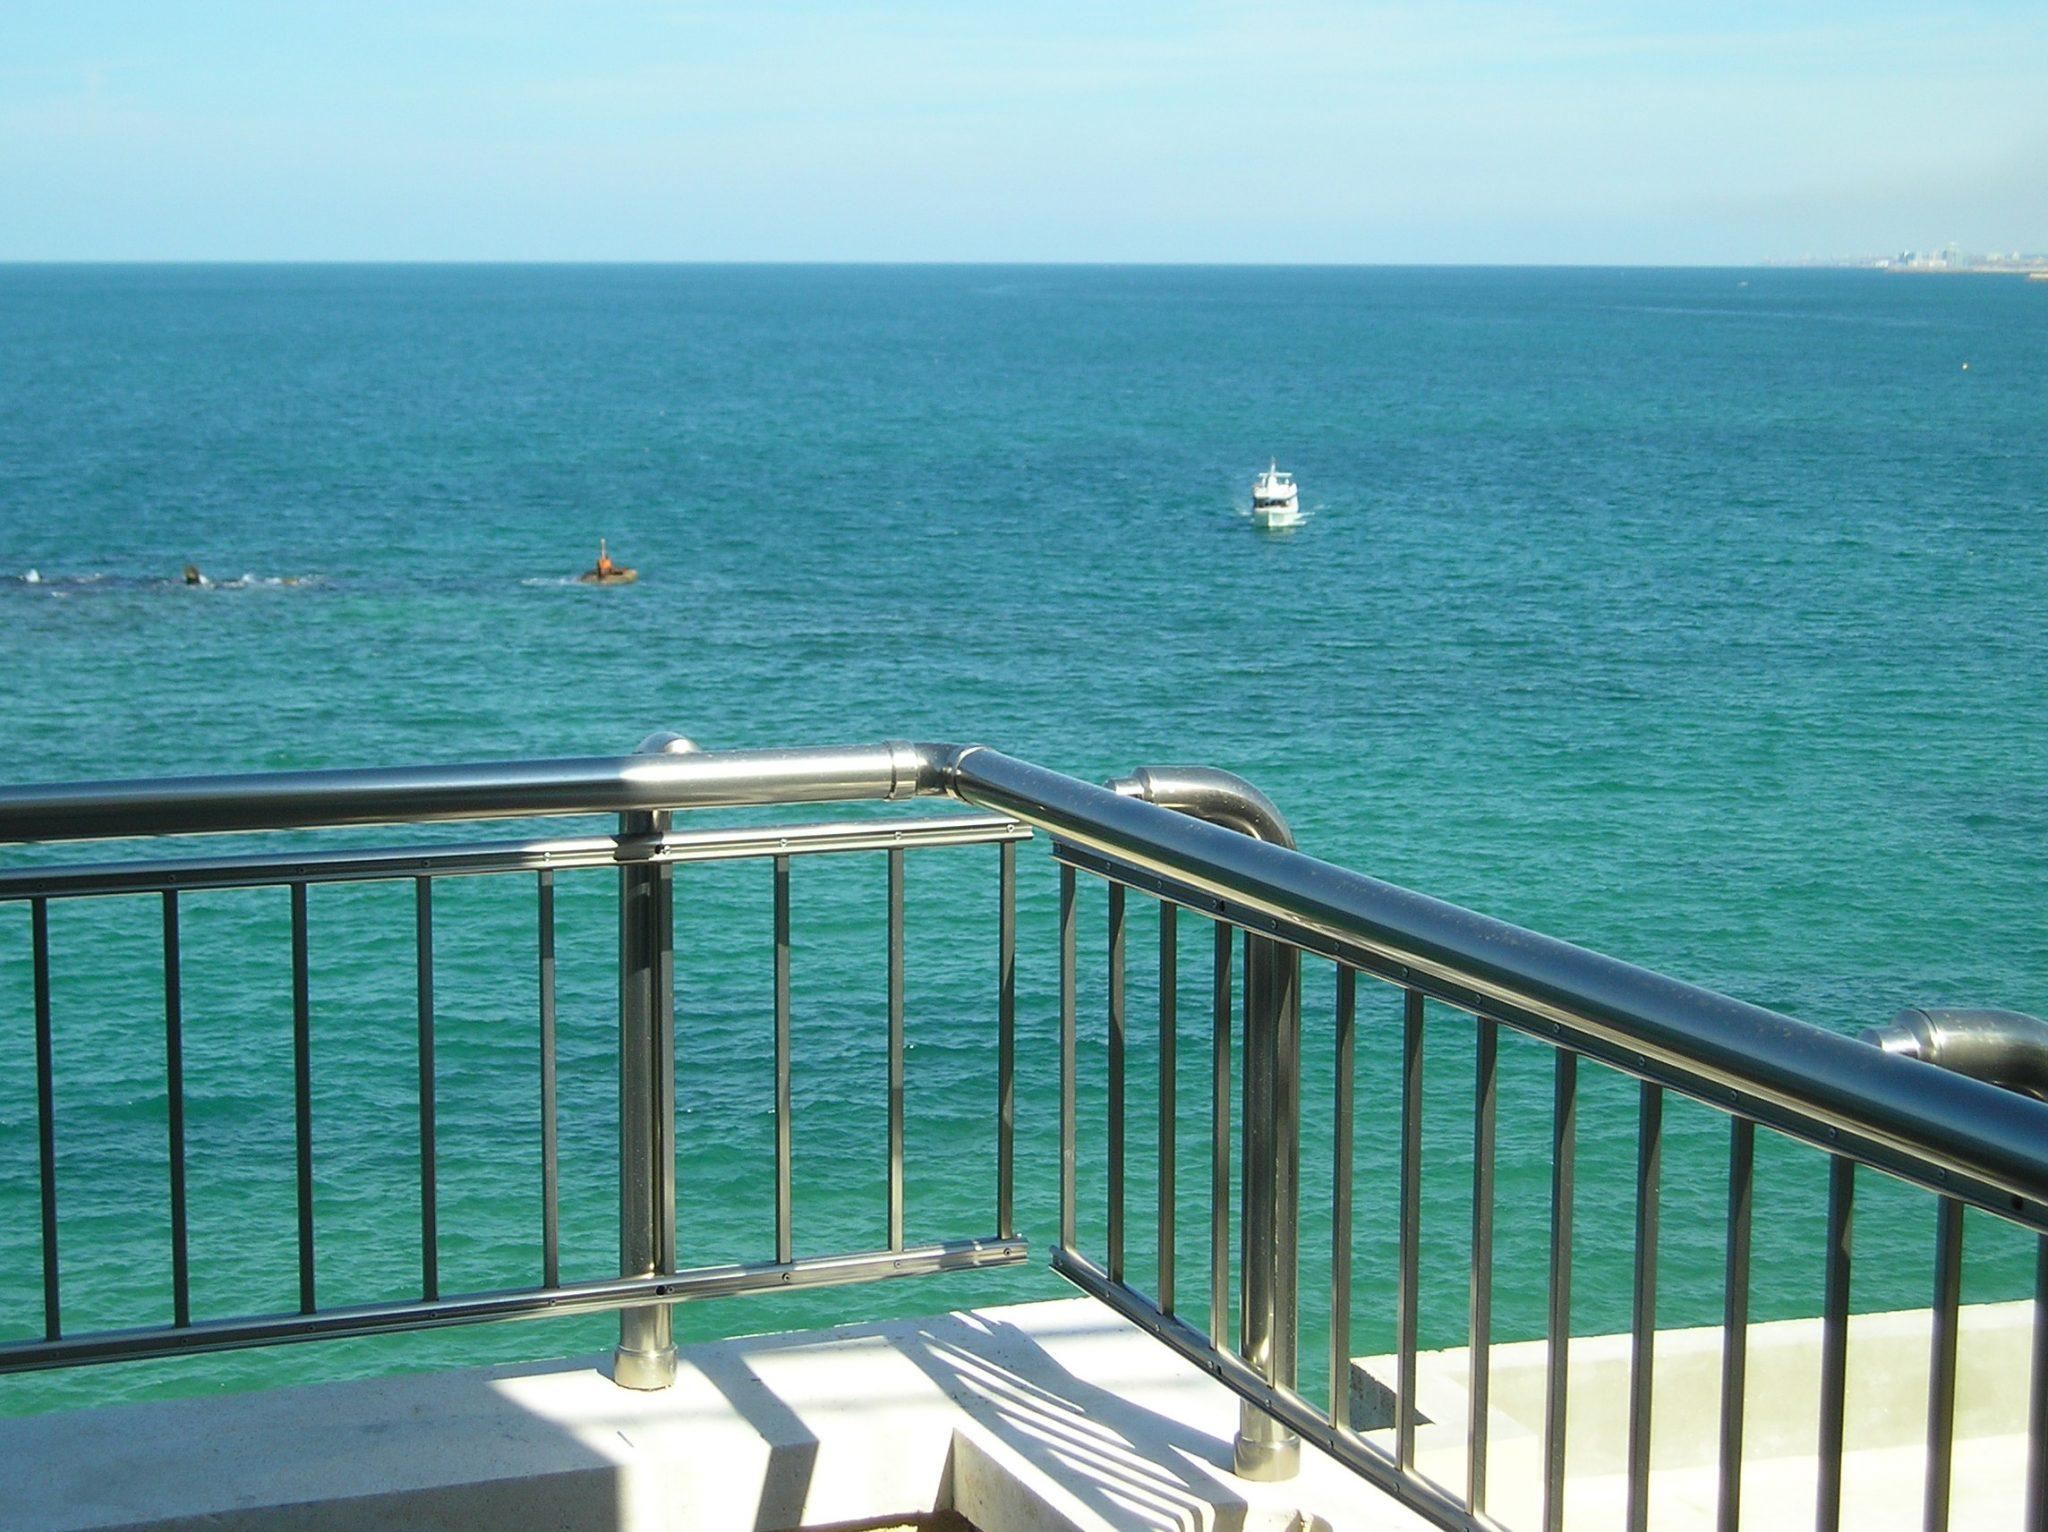 מעקה אלומיניום במרפסת מבנה סמוך לים